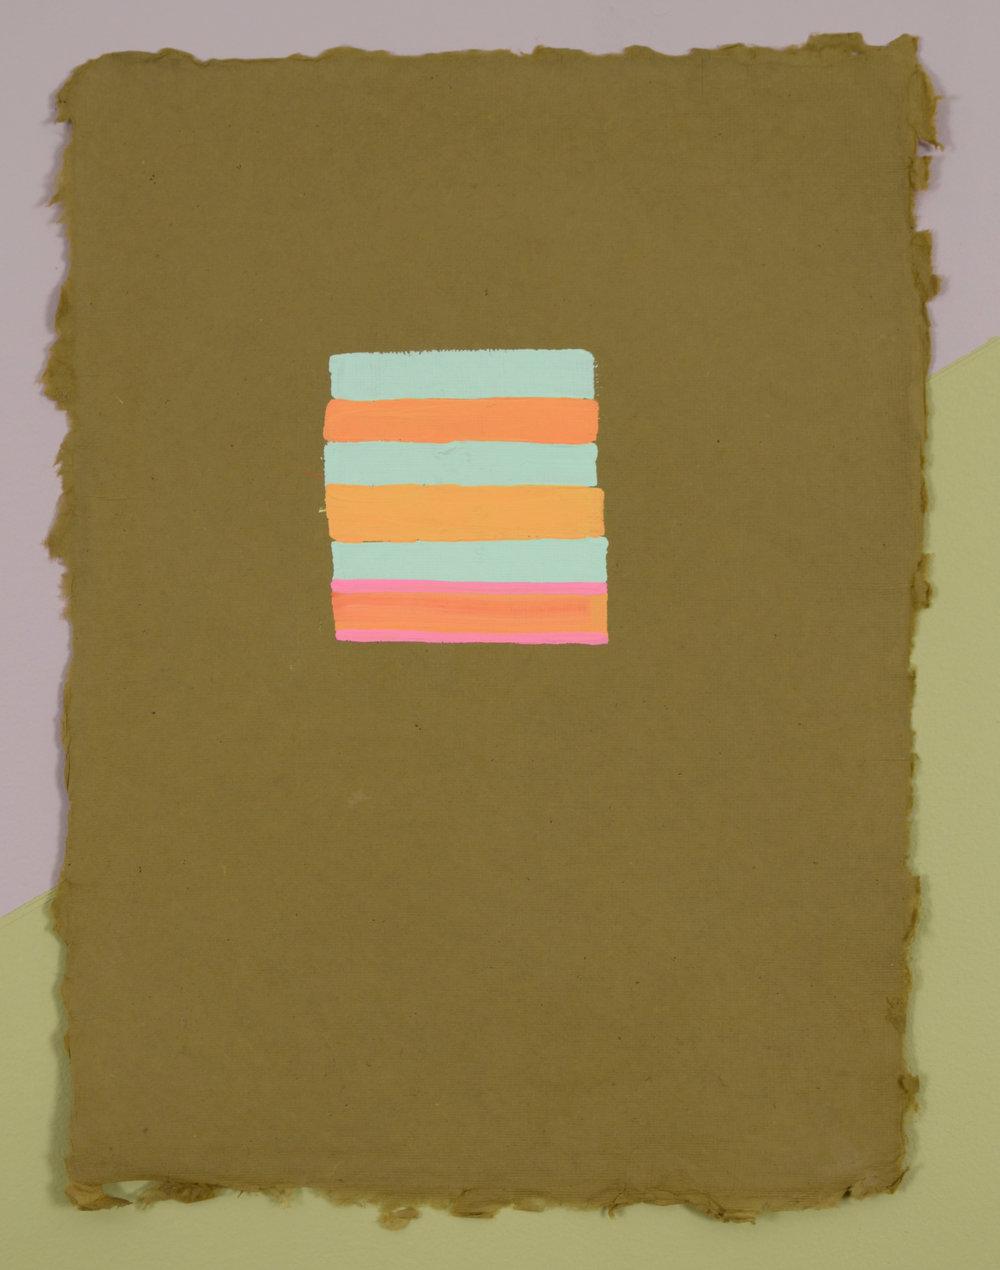 Tantra Stripe #7